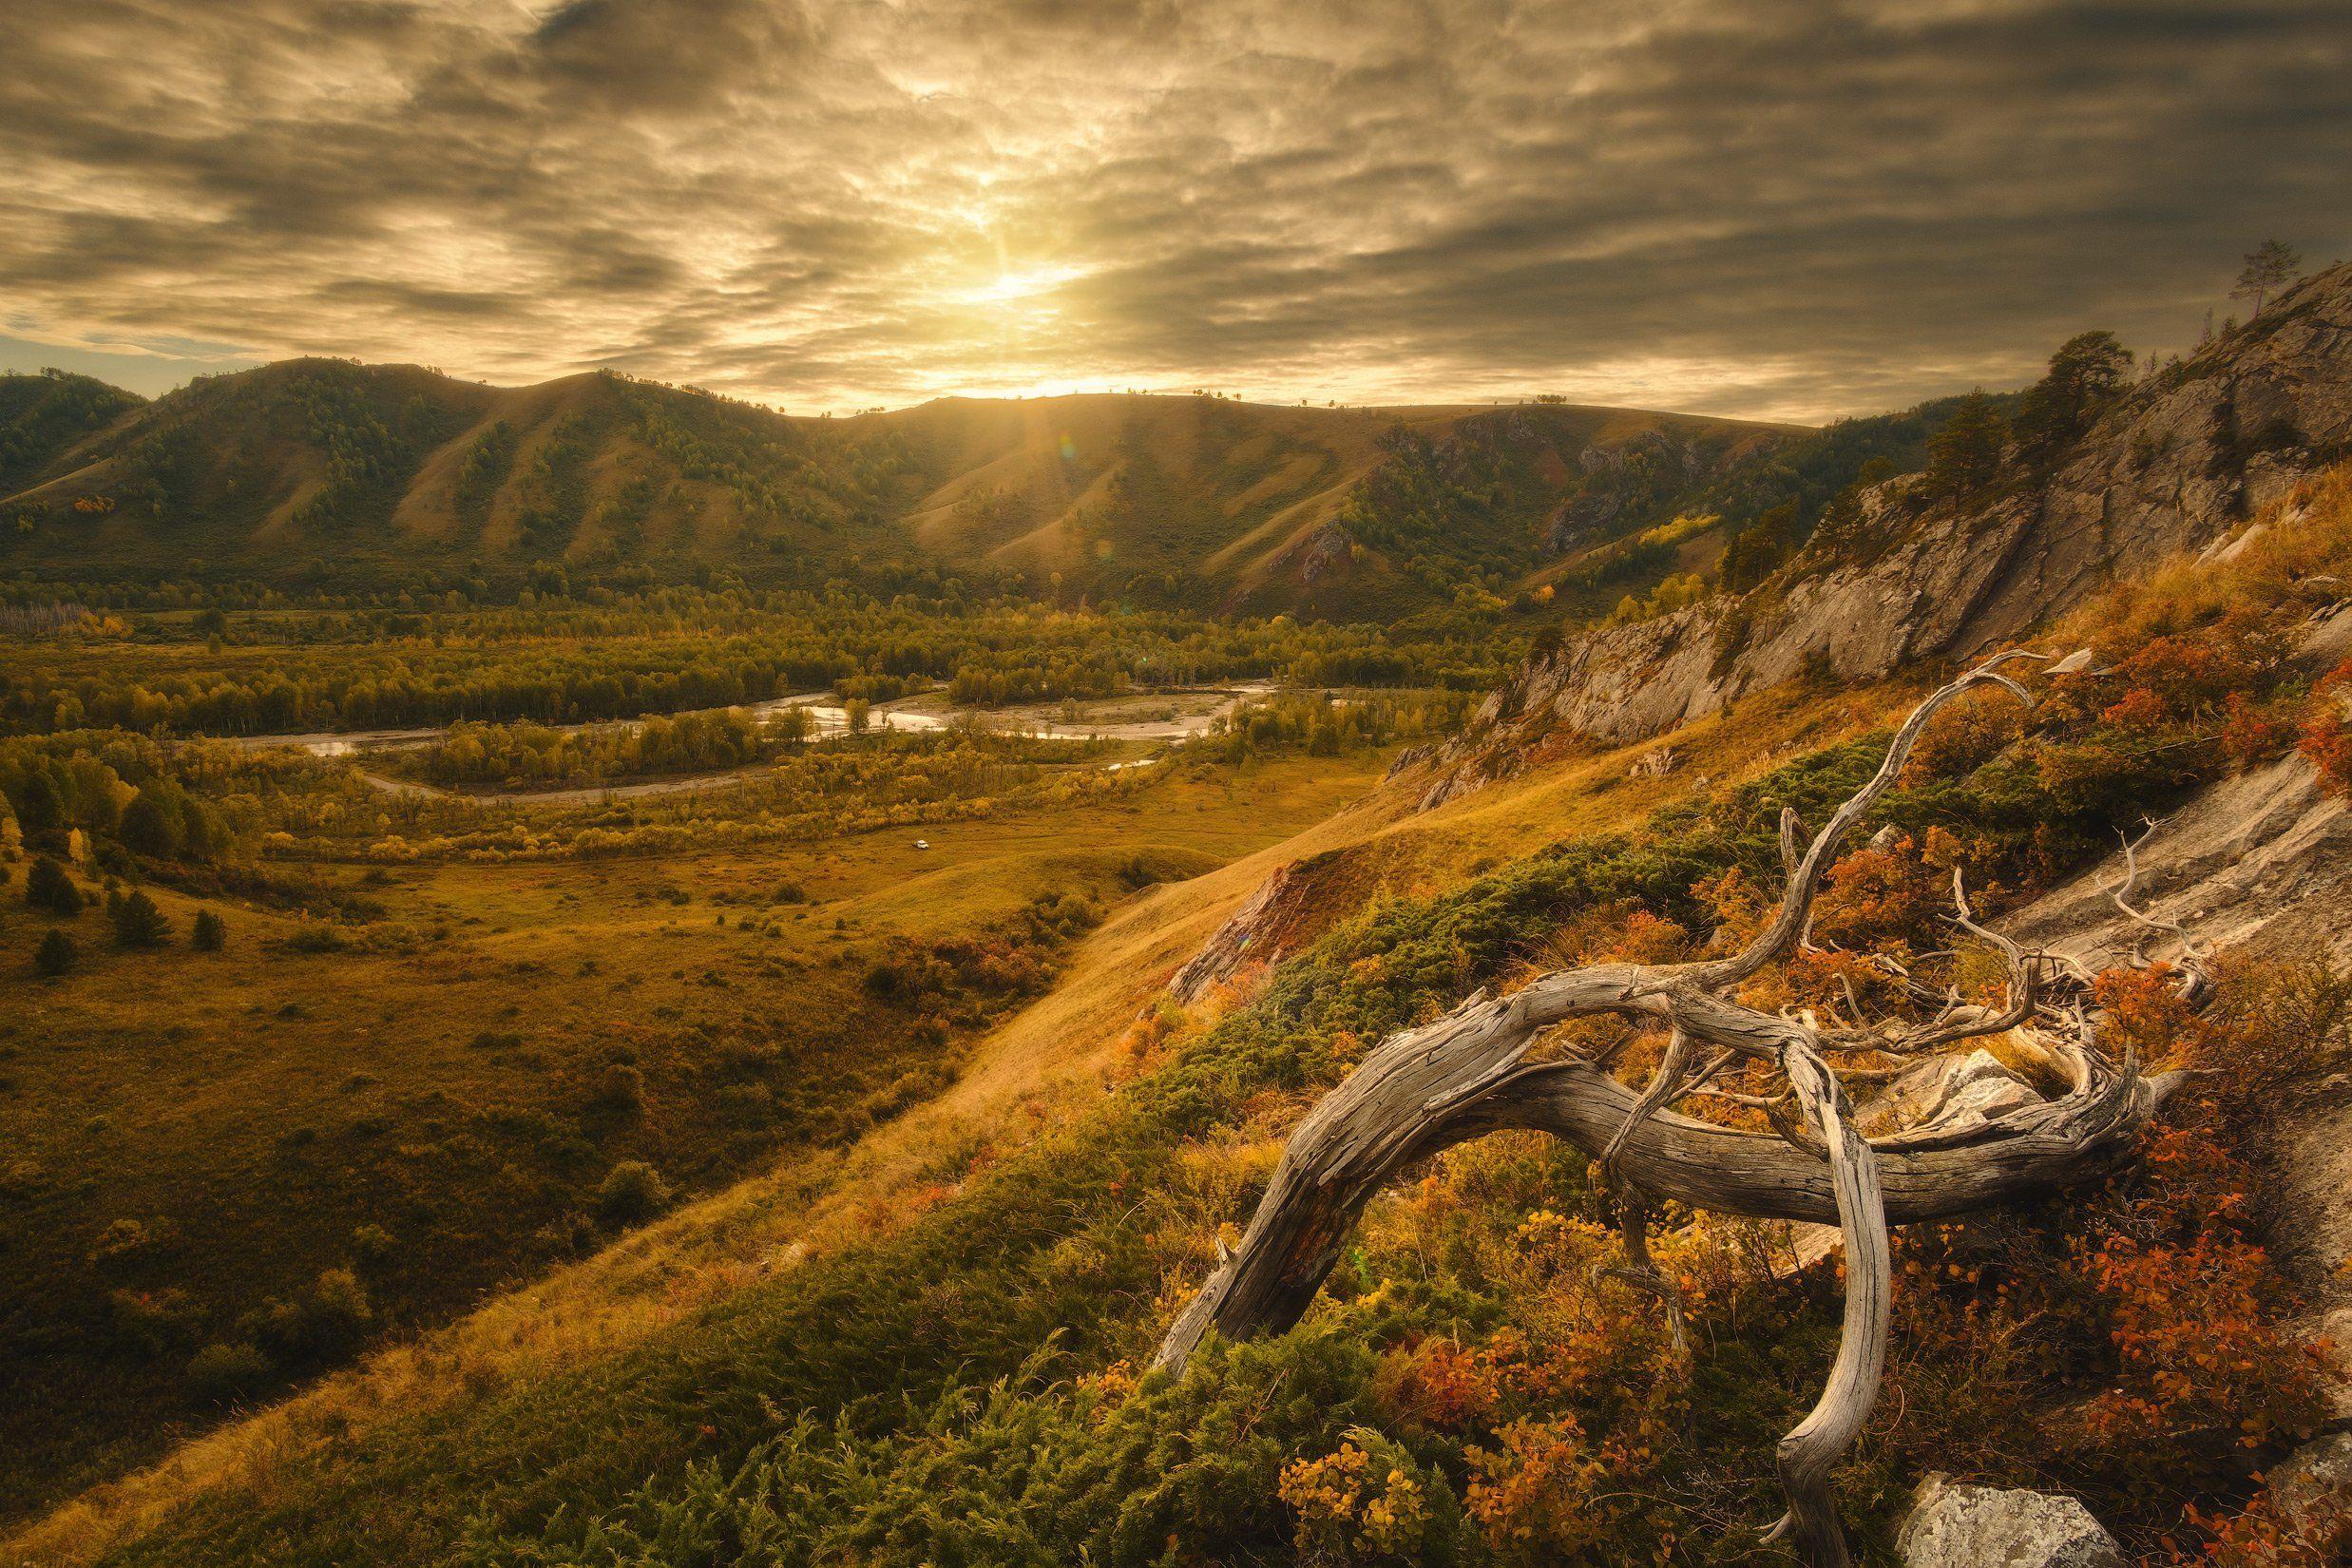 россия, алтай, алтайский край, тигирек, сибирь, осень, природа, пейзаж, горы, хребет, лесостепь, закат,  заповедник, Оборотов Алексей